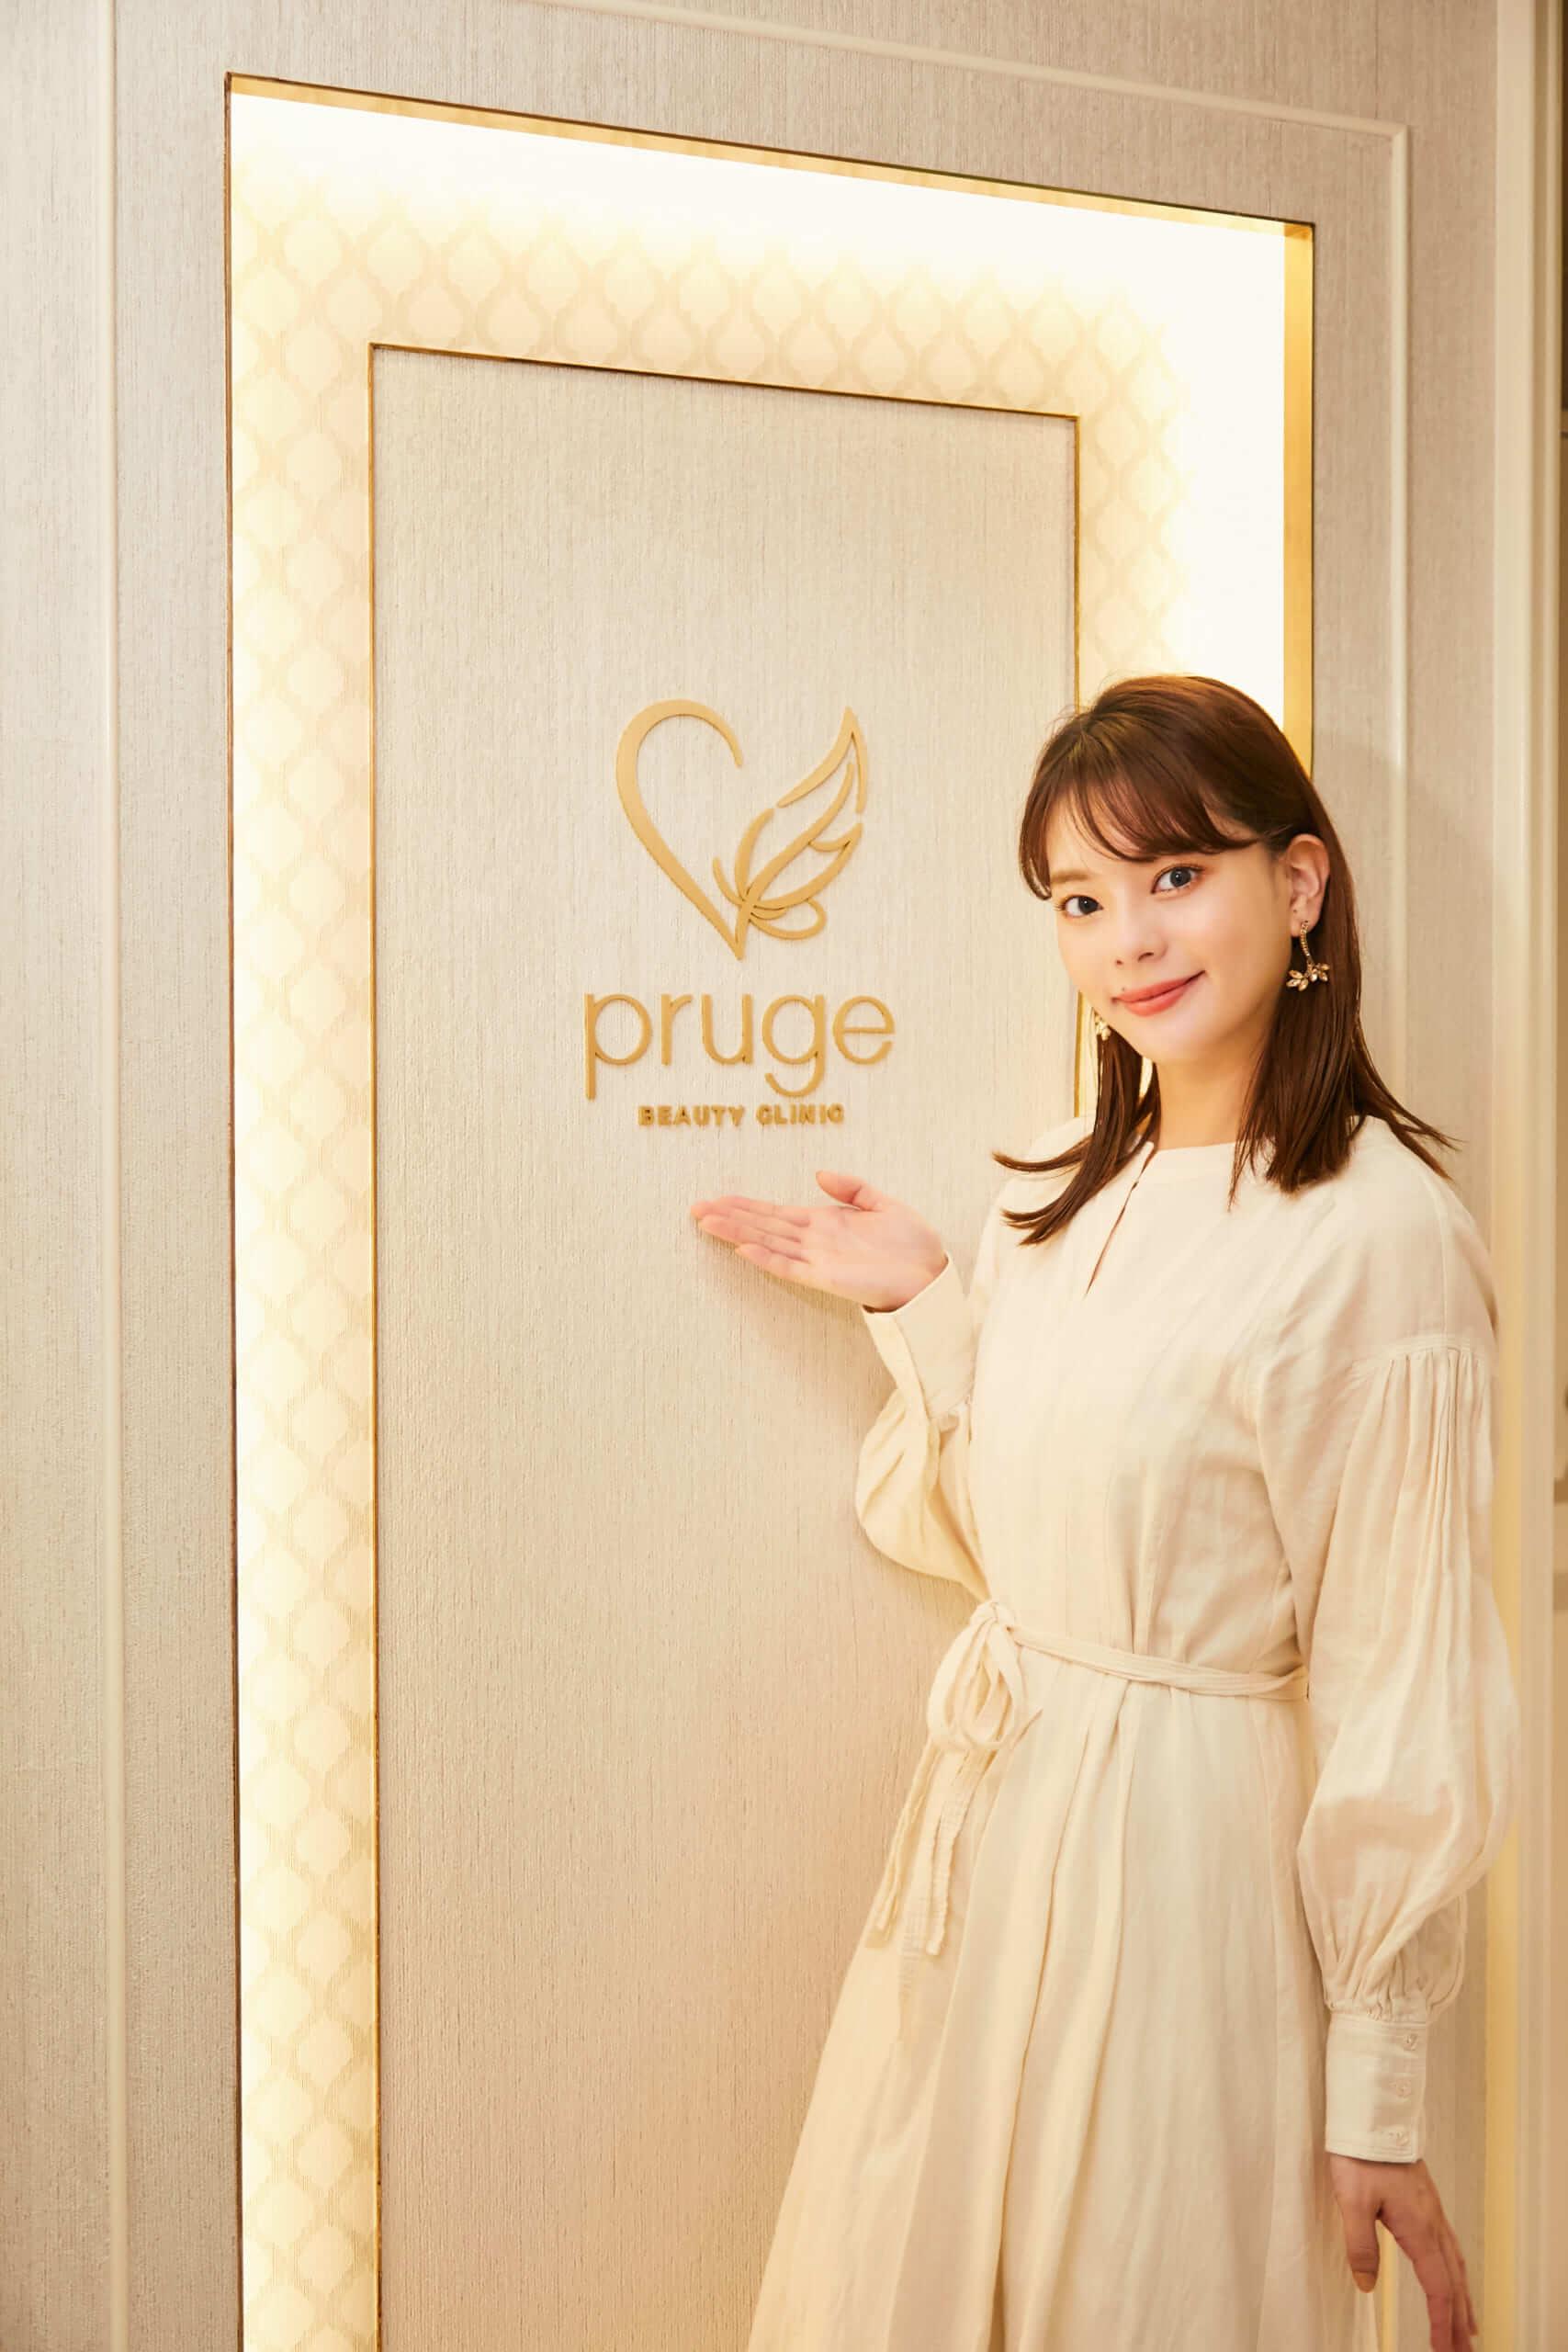 プルージュ美容クリニックの入り口のロゴと小濱庸子サン